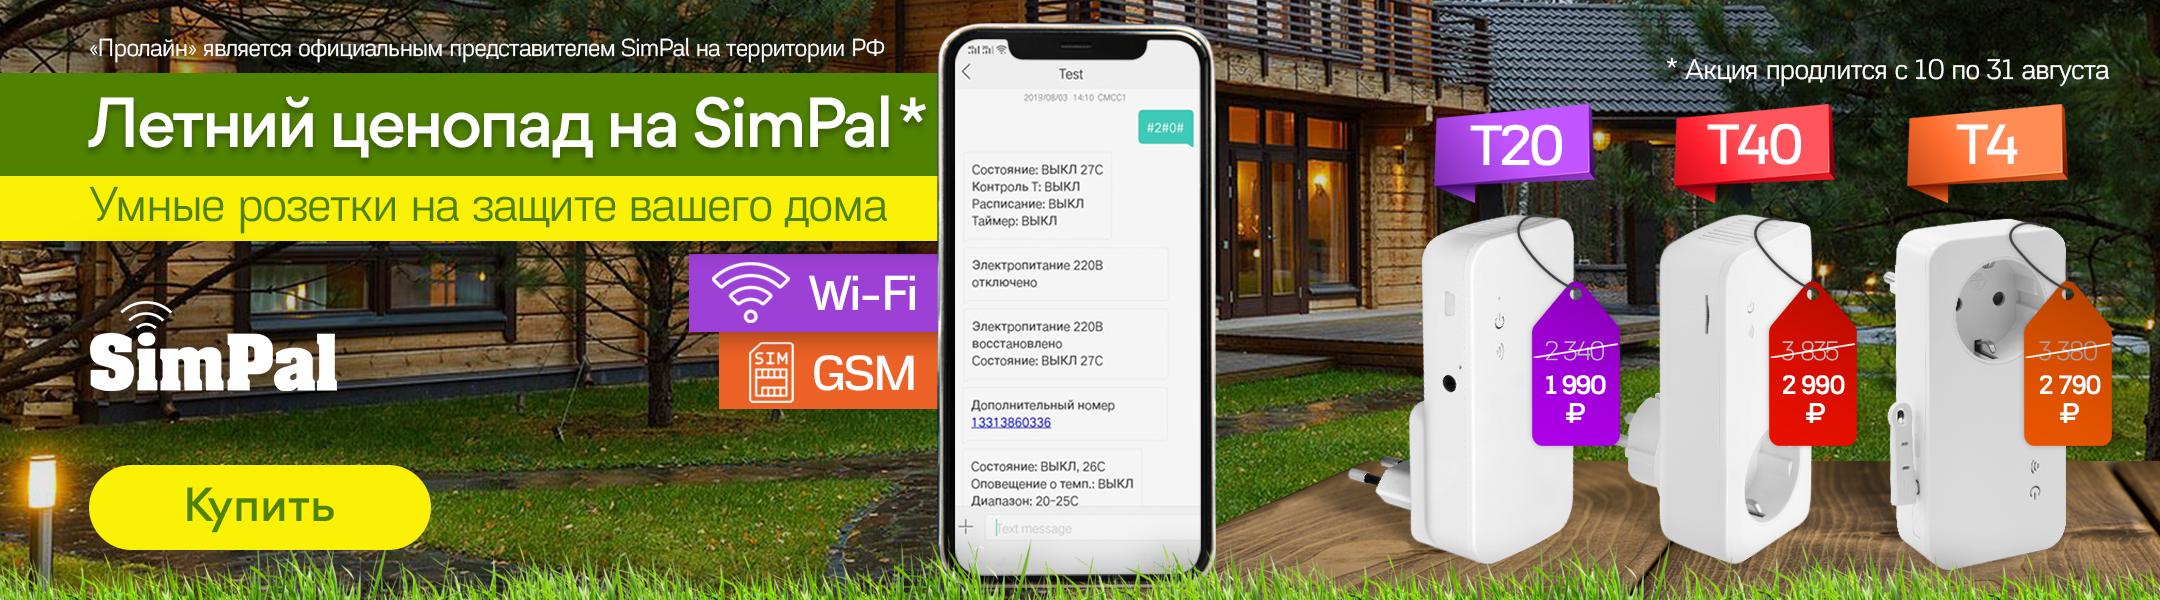 Летний ценопал SimPal